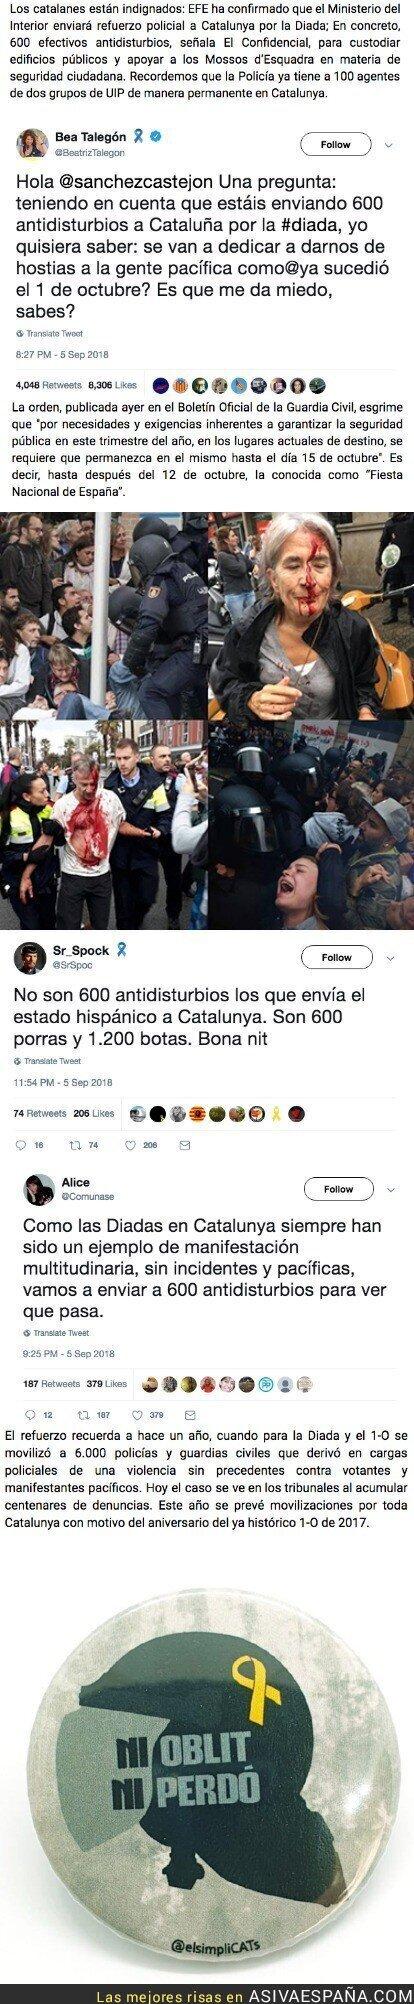 92524 - Interior envía más de 500 antidisturbios a Catalunya por la Diada y suspende traslados